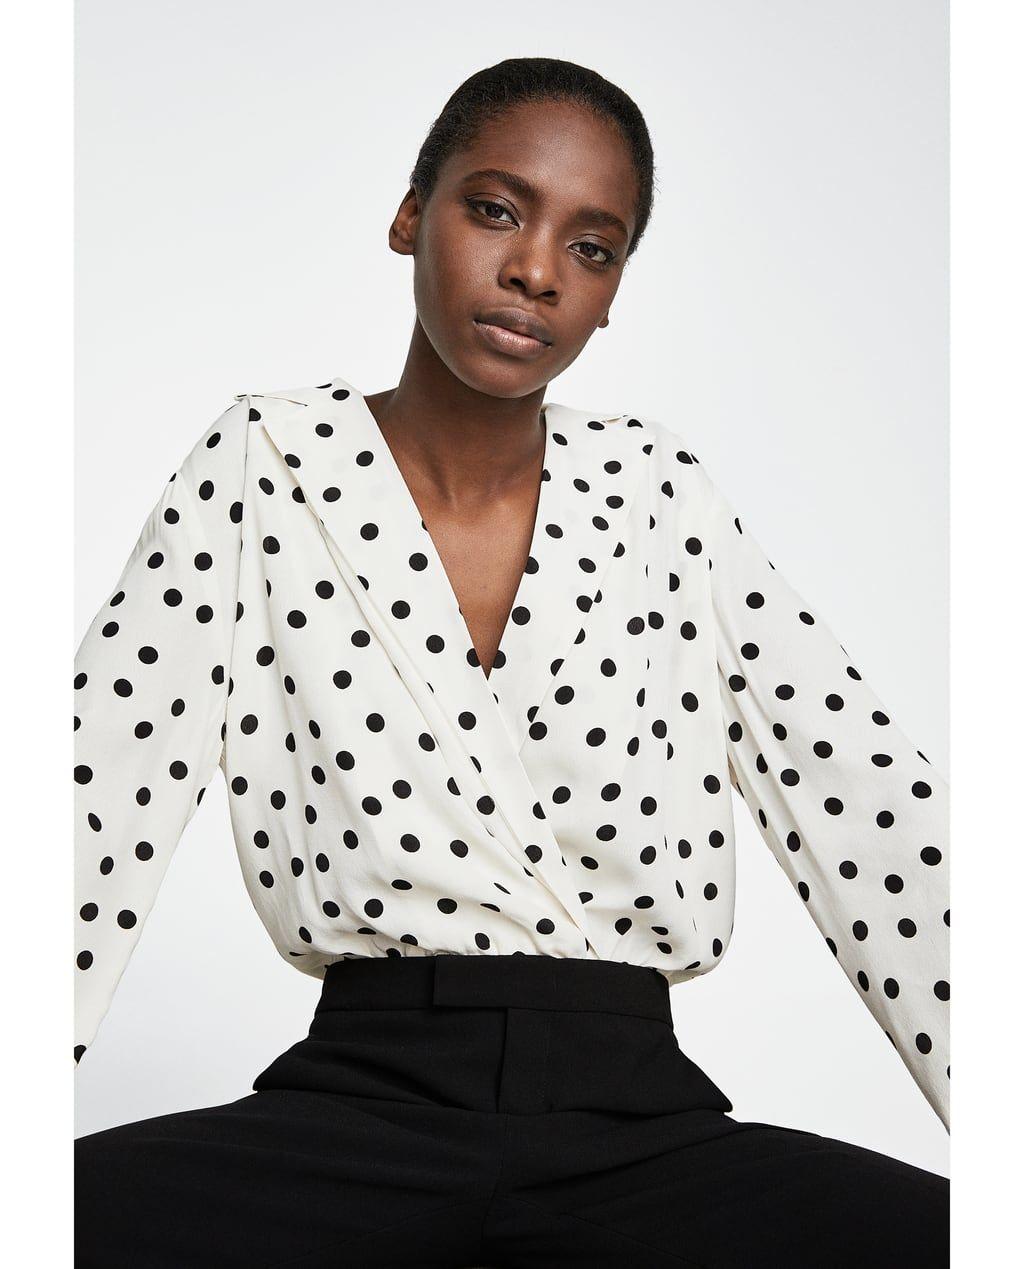 κορμακι πουα λεπτομερεια 29 95 Eur χρωμα σπασμένο λευκό 2972 001 Top Shirt Women Clothes Outfits